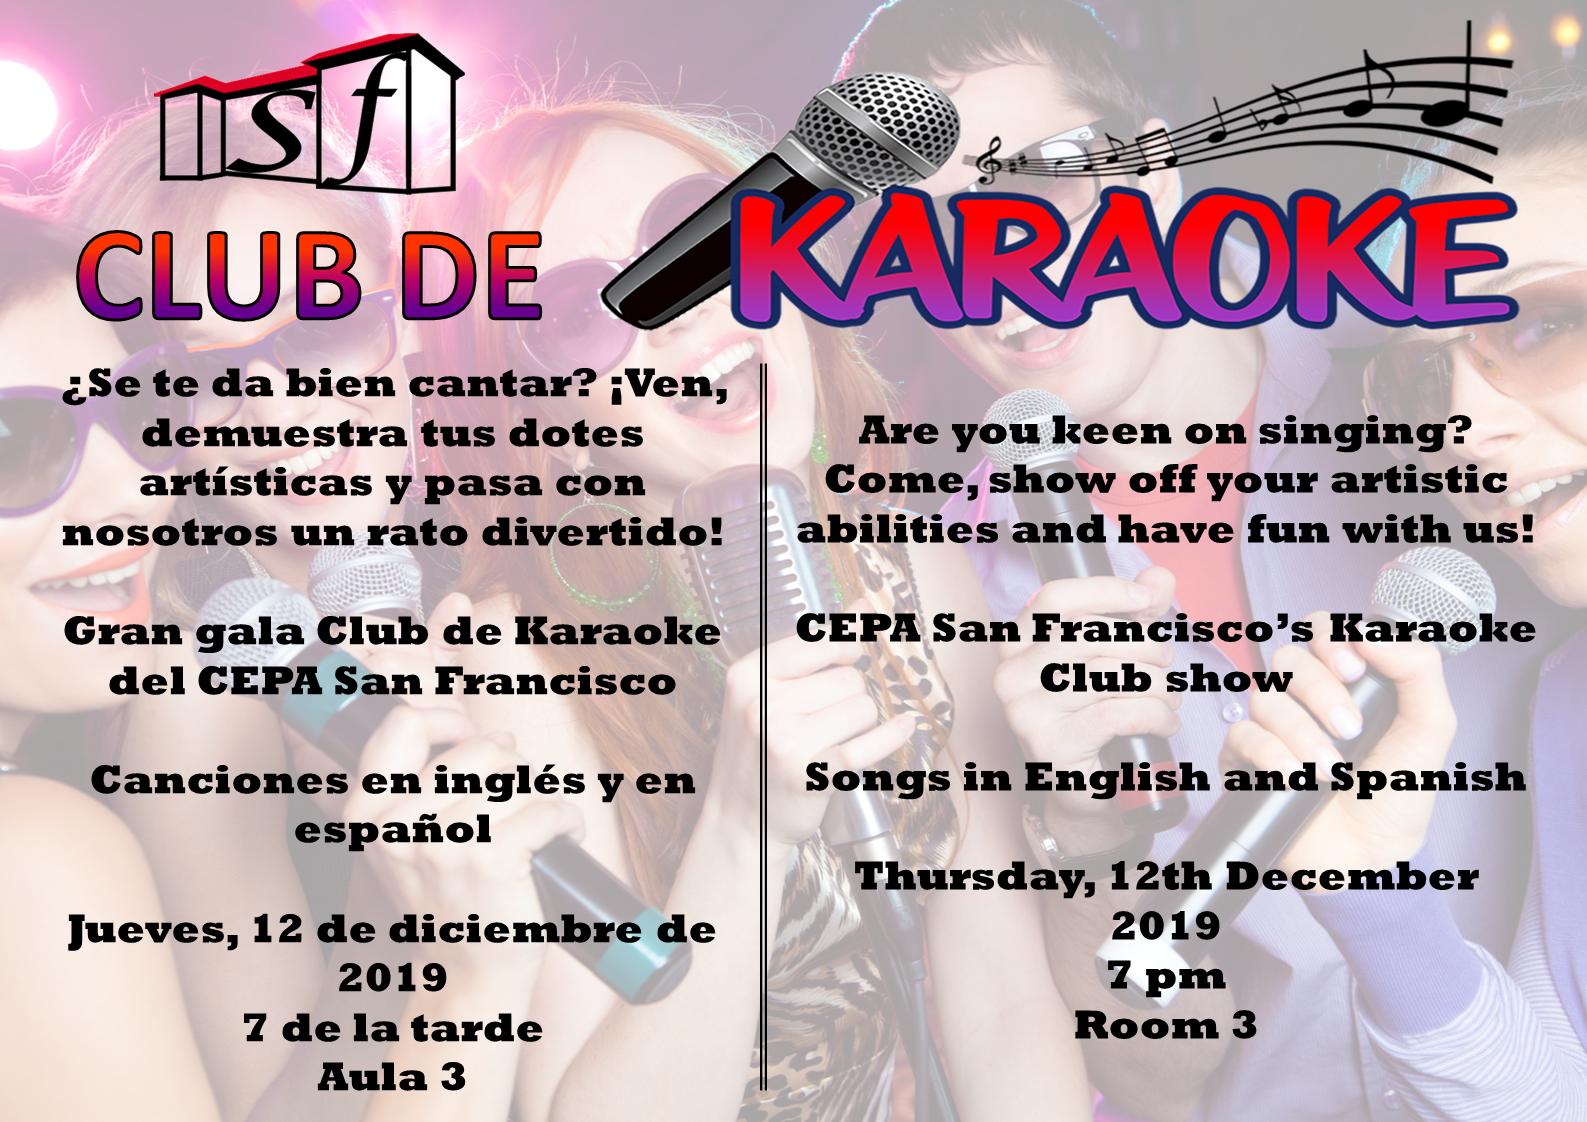 Concurso de karaoke CEPA 2019